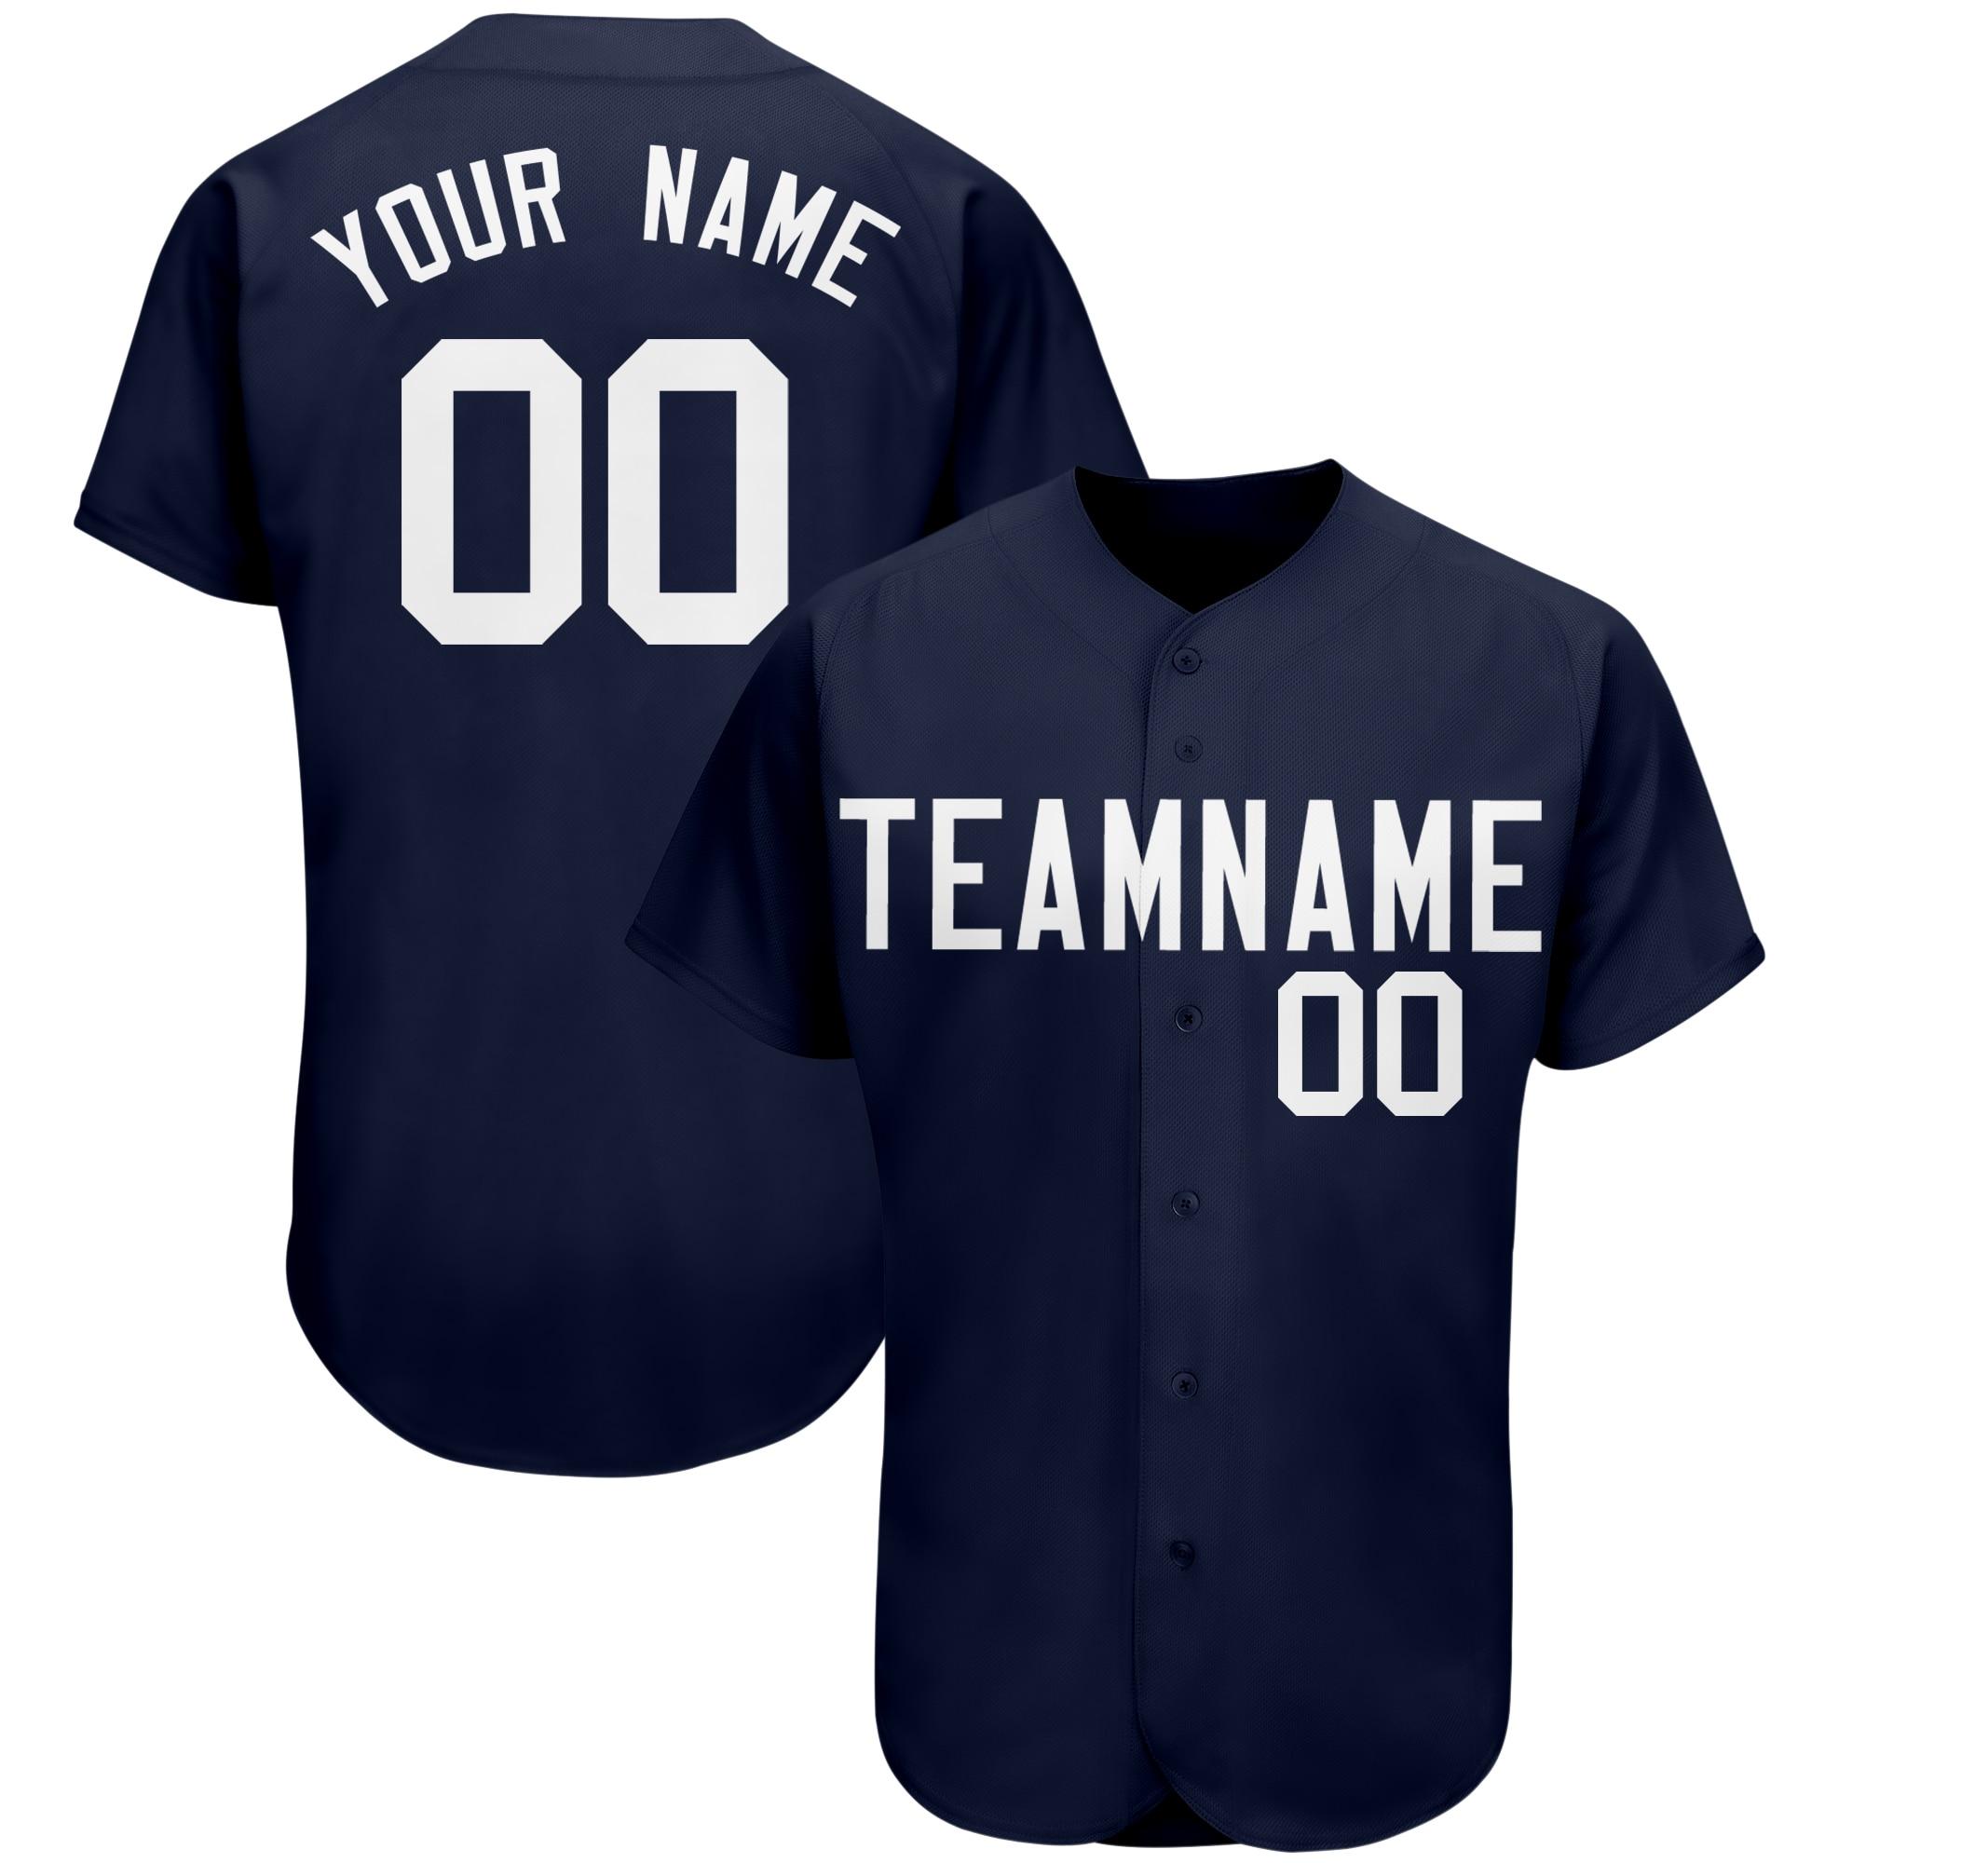 Мужские Бейсбольные Джерси без рисунка под заказ, спортивные футболки с номером и именем стежка, униформа для чирлидинга